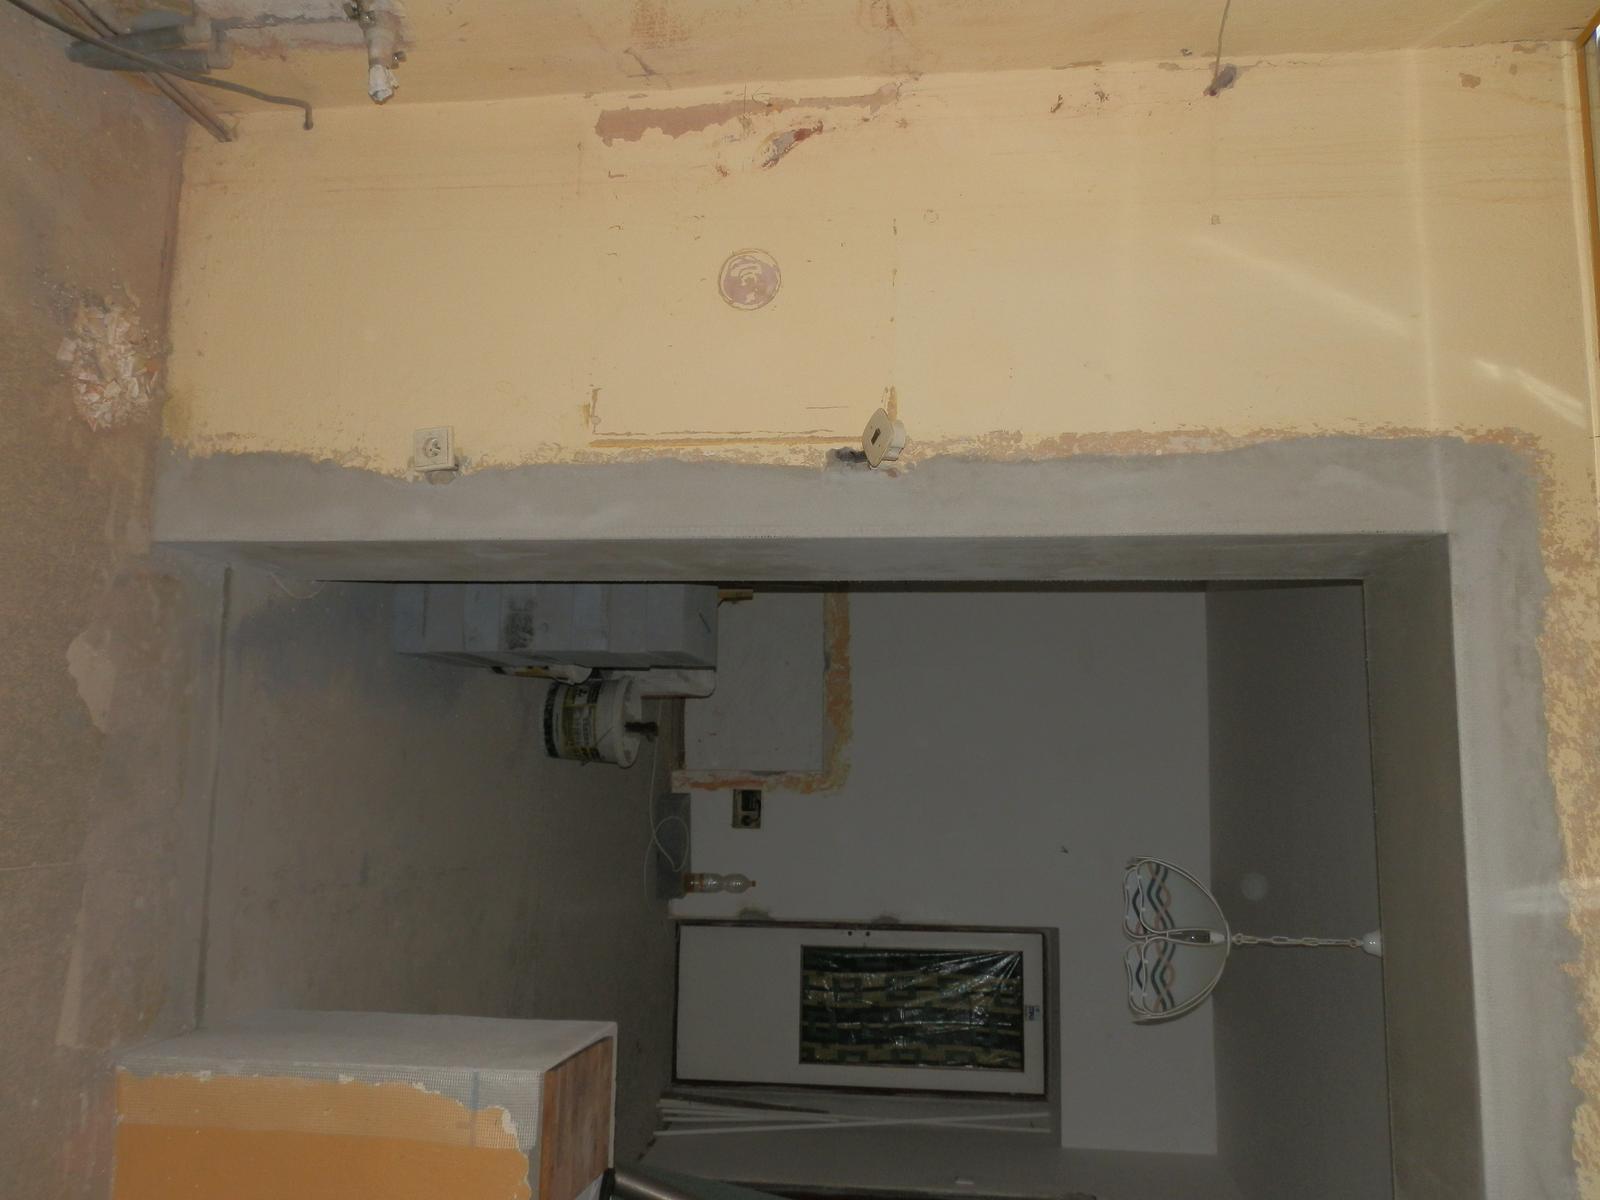 Náš byt v domě- rekonstrukce - Obrázek č. 92